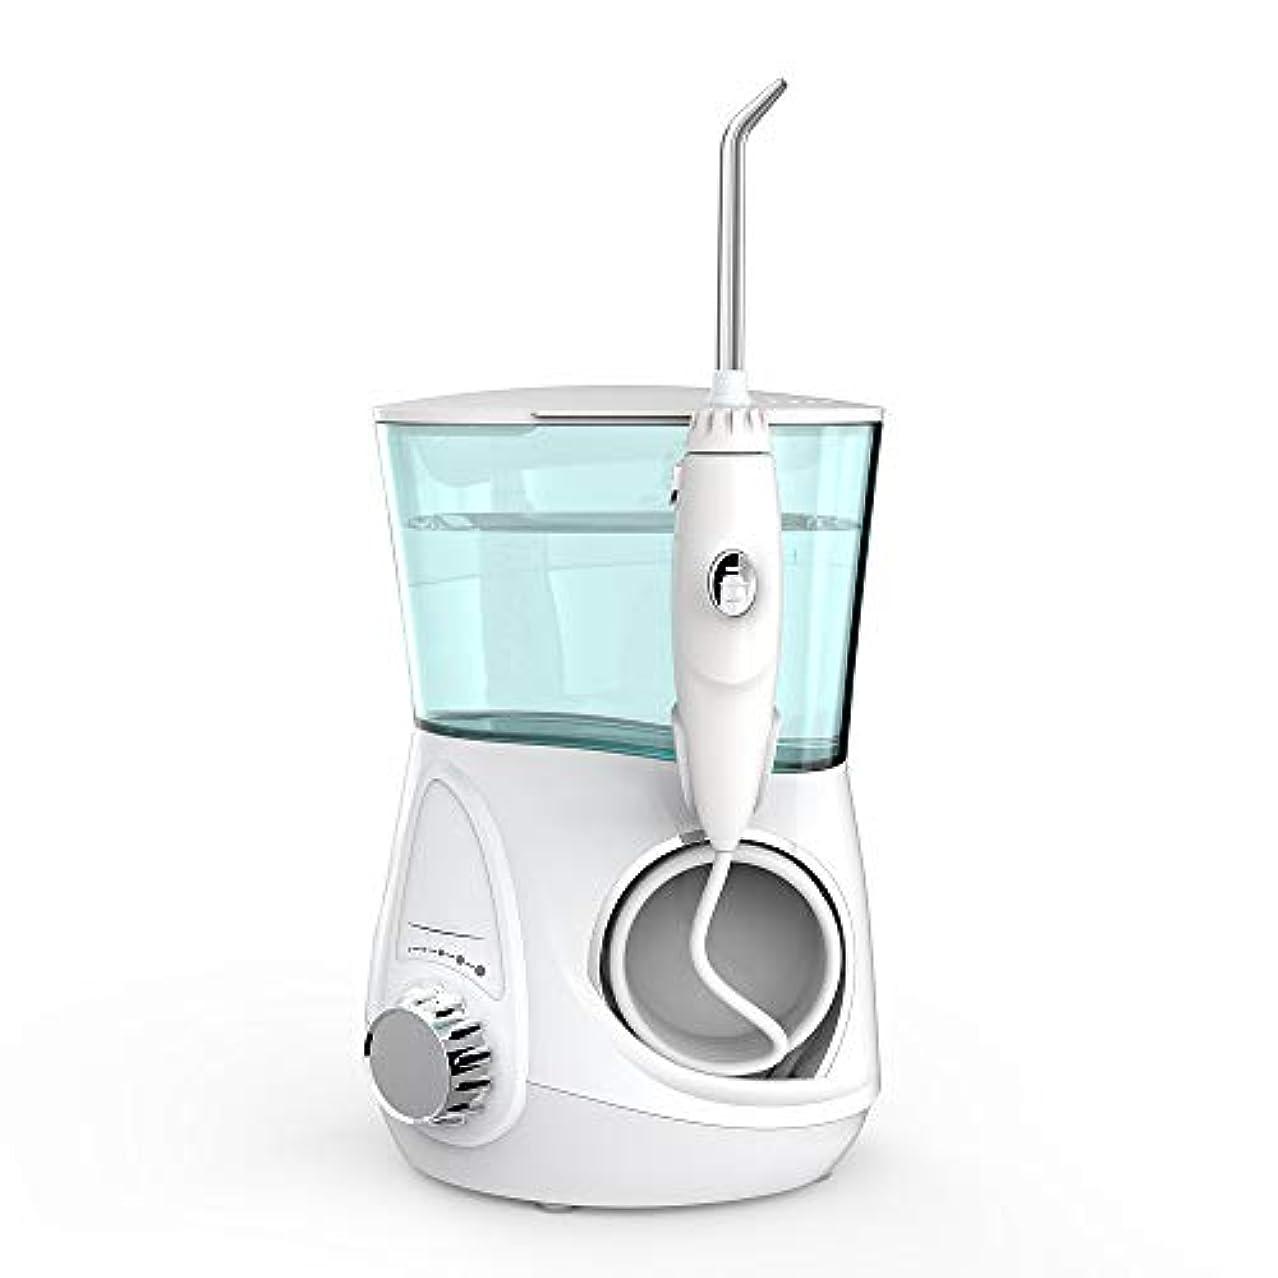 寂しいでる力学水フロッサー口腔洗浄器、電気家庭用洗濯機ウォーターフロスケア充電式ウォーターピックジェット歯クリーニングで5ピースジェットti